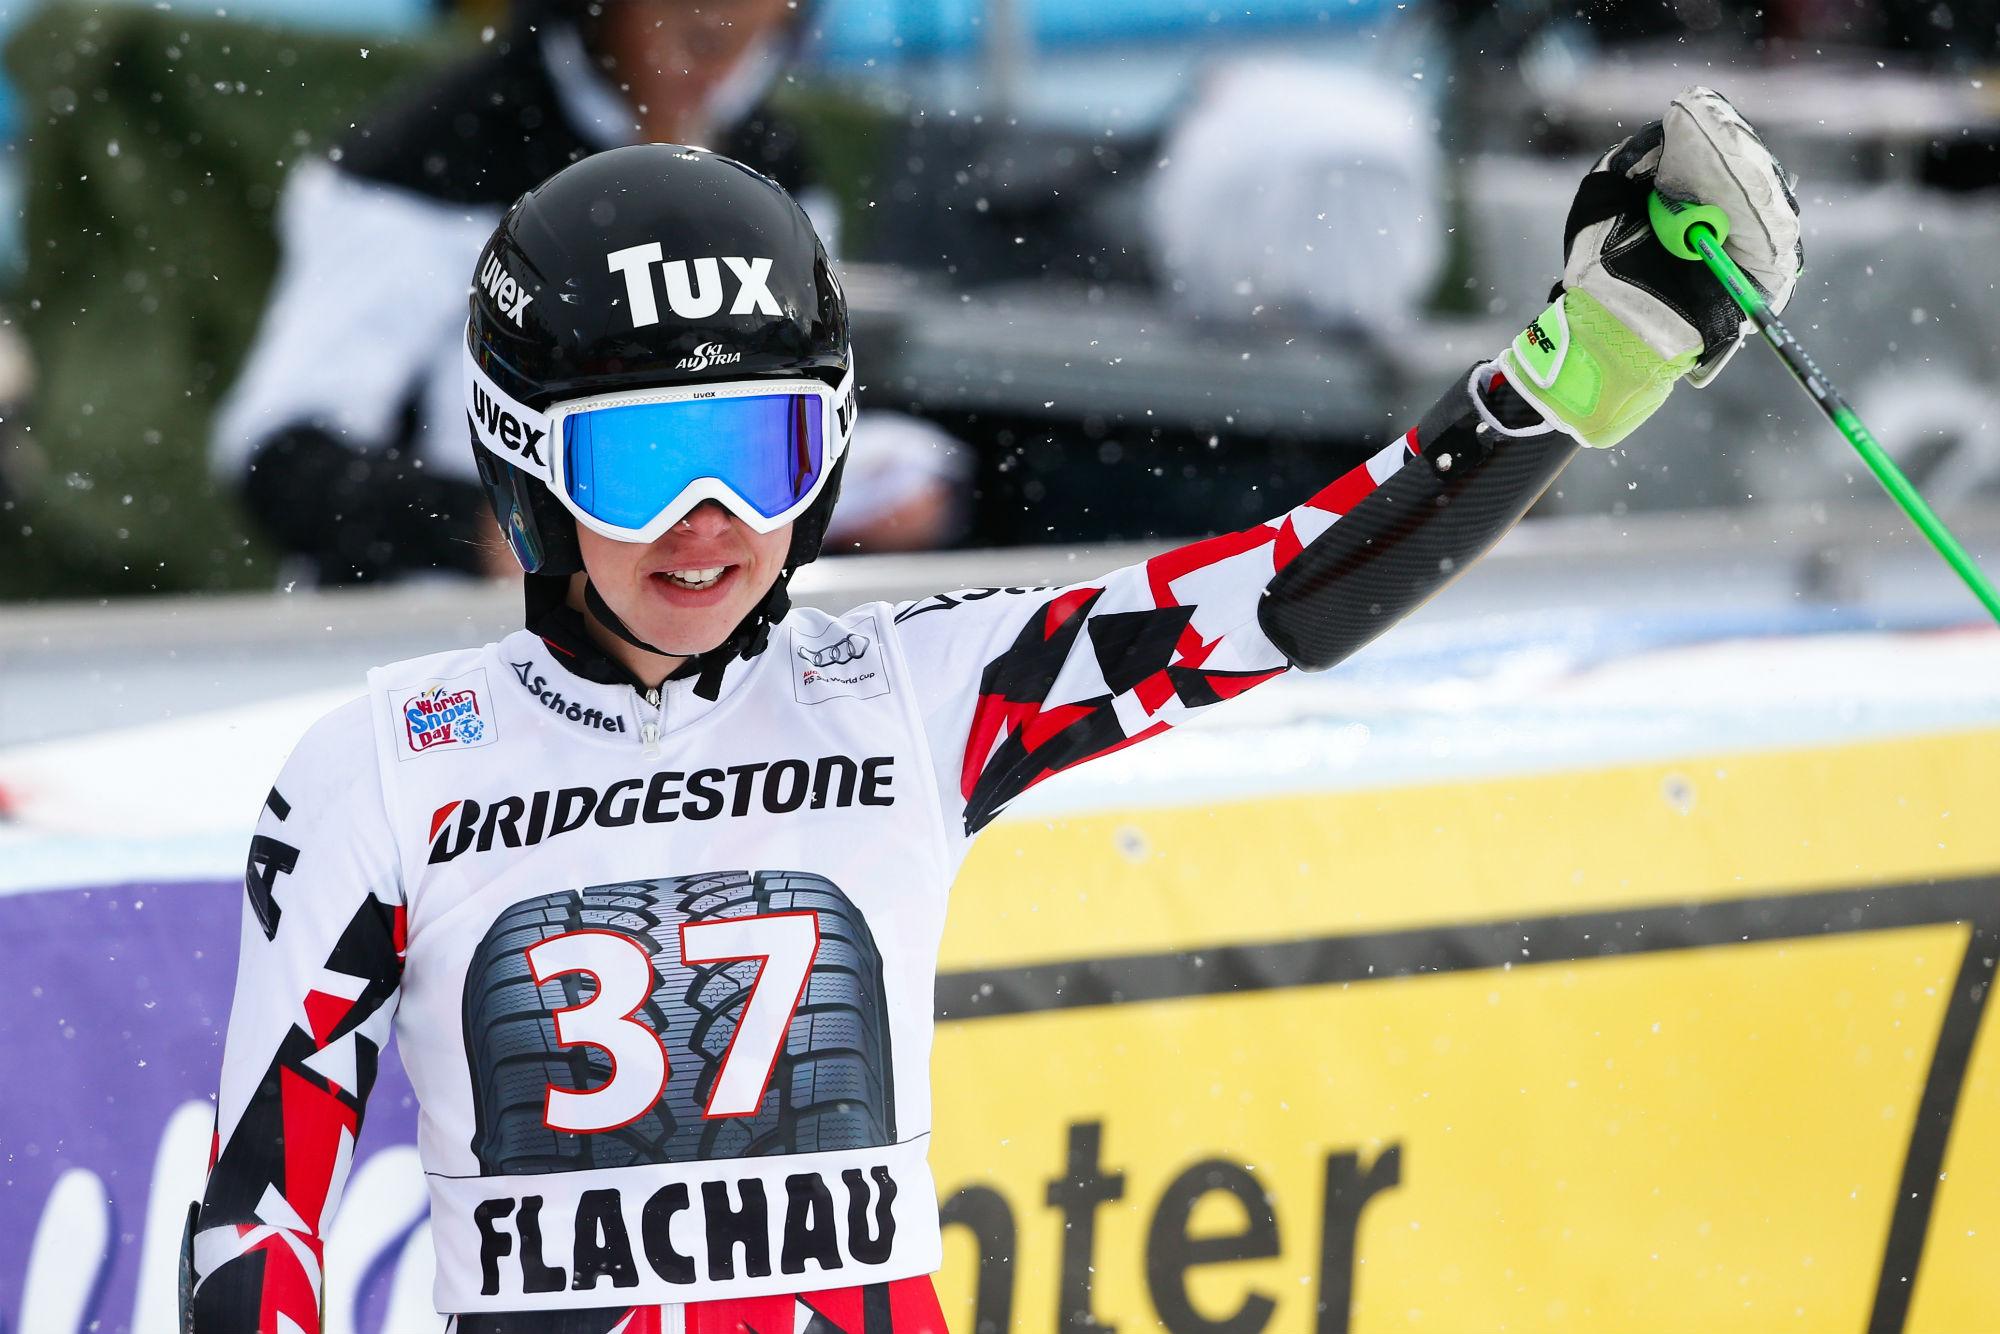 Stephanie Brunner in Coppa del Mondo a Flachau #Zoom Agence